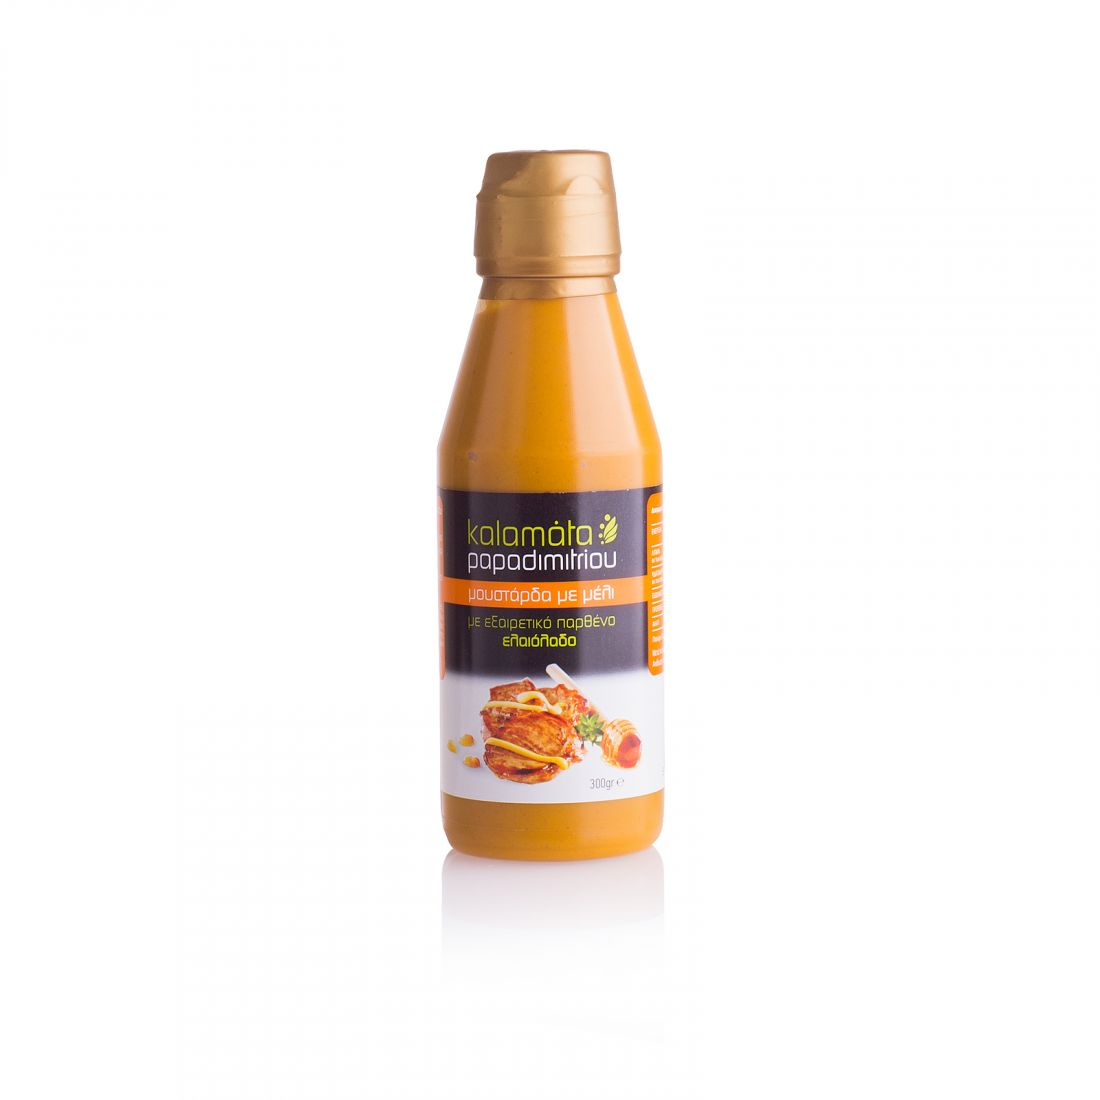 Горчица  с медом Kalamata Papadimitriou - 300 гр - в пластике